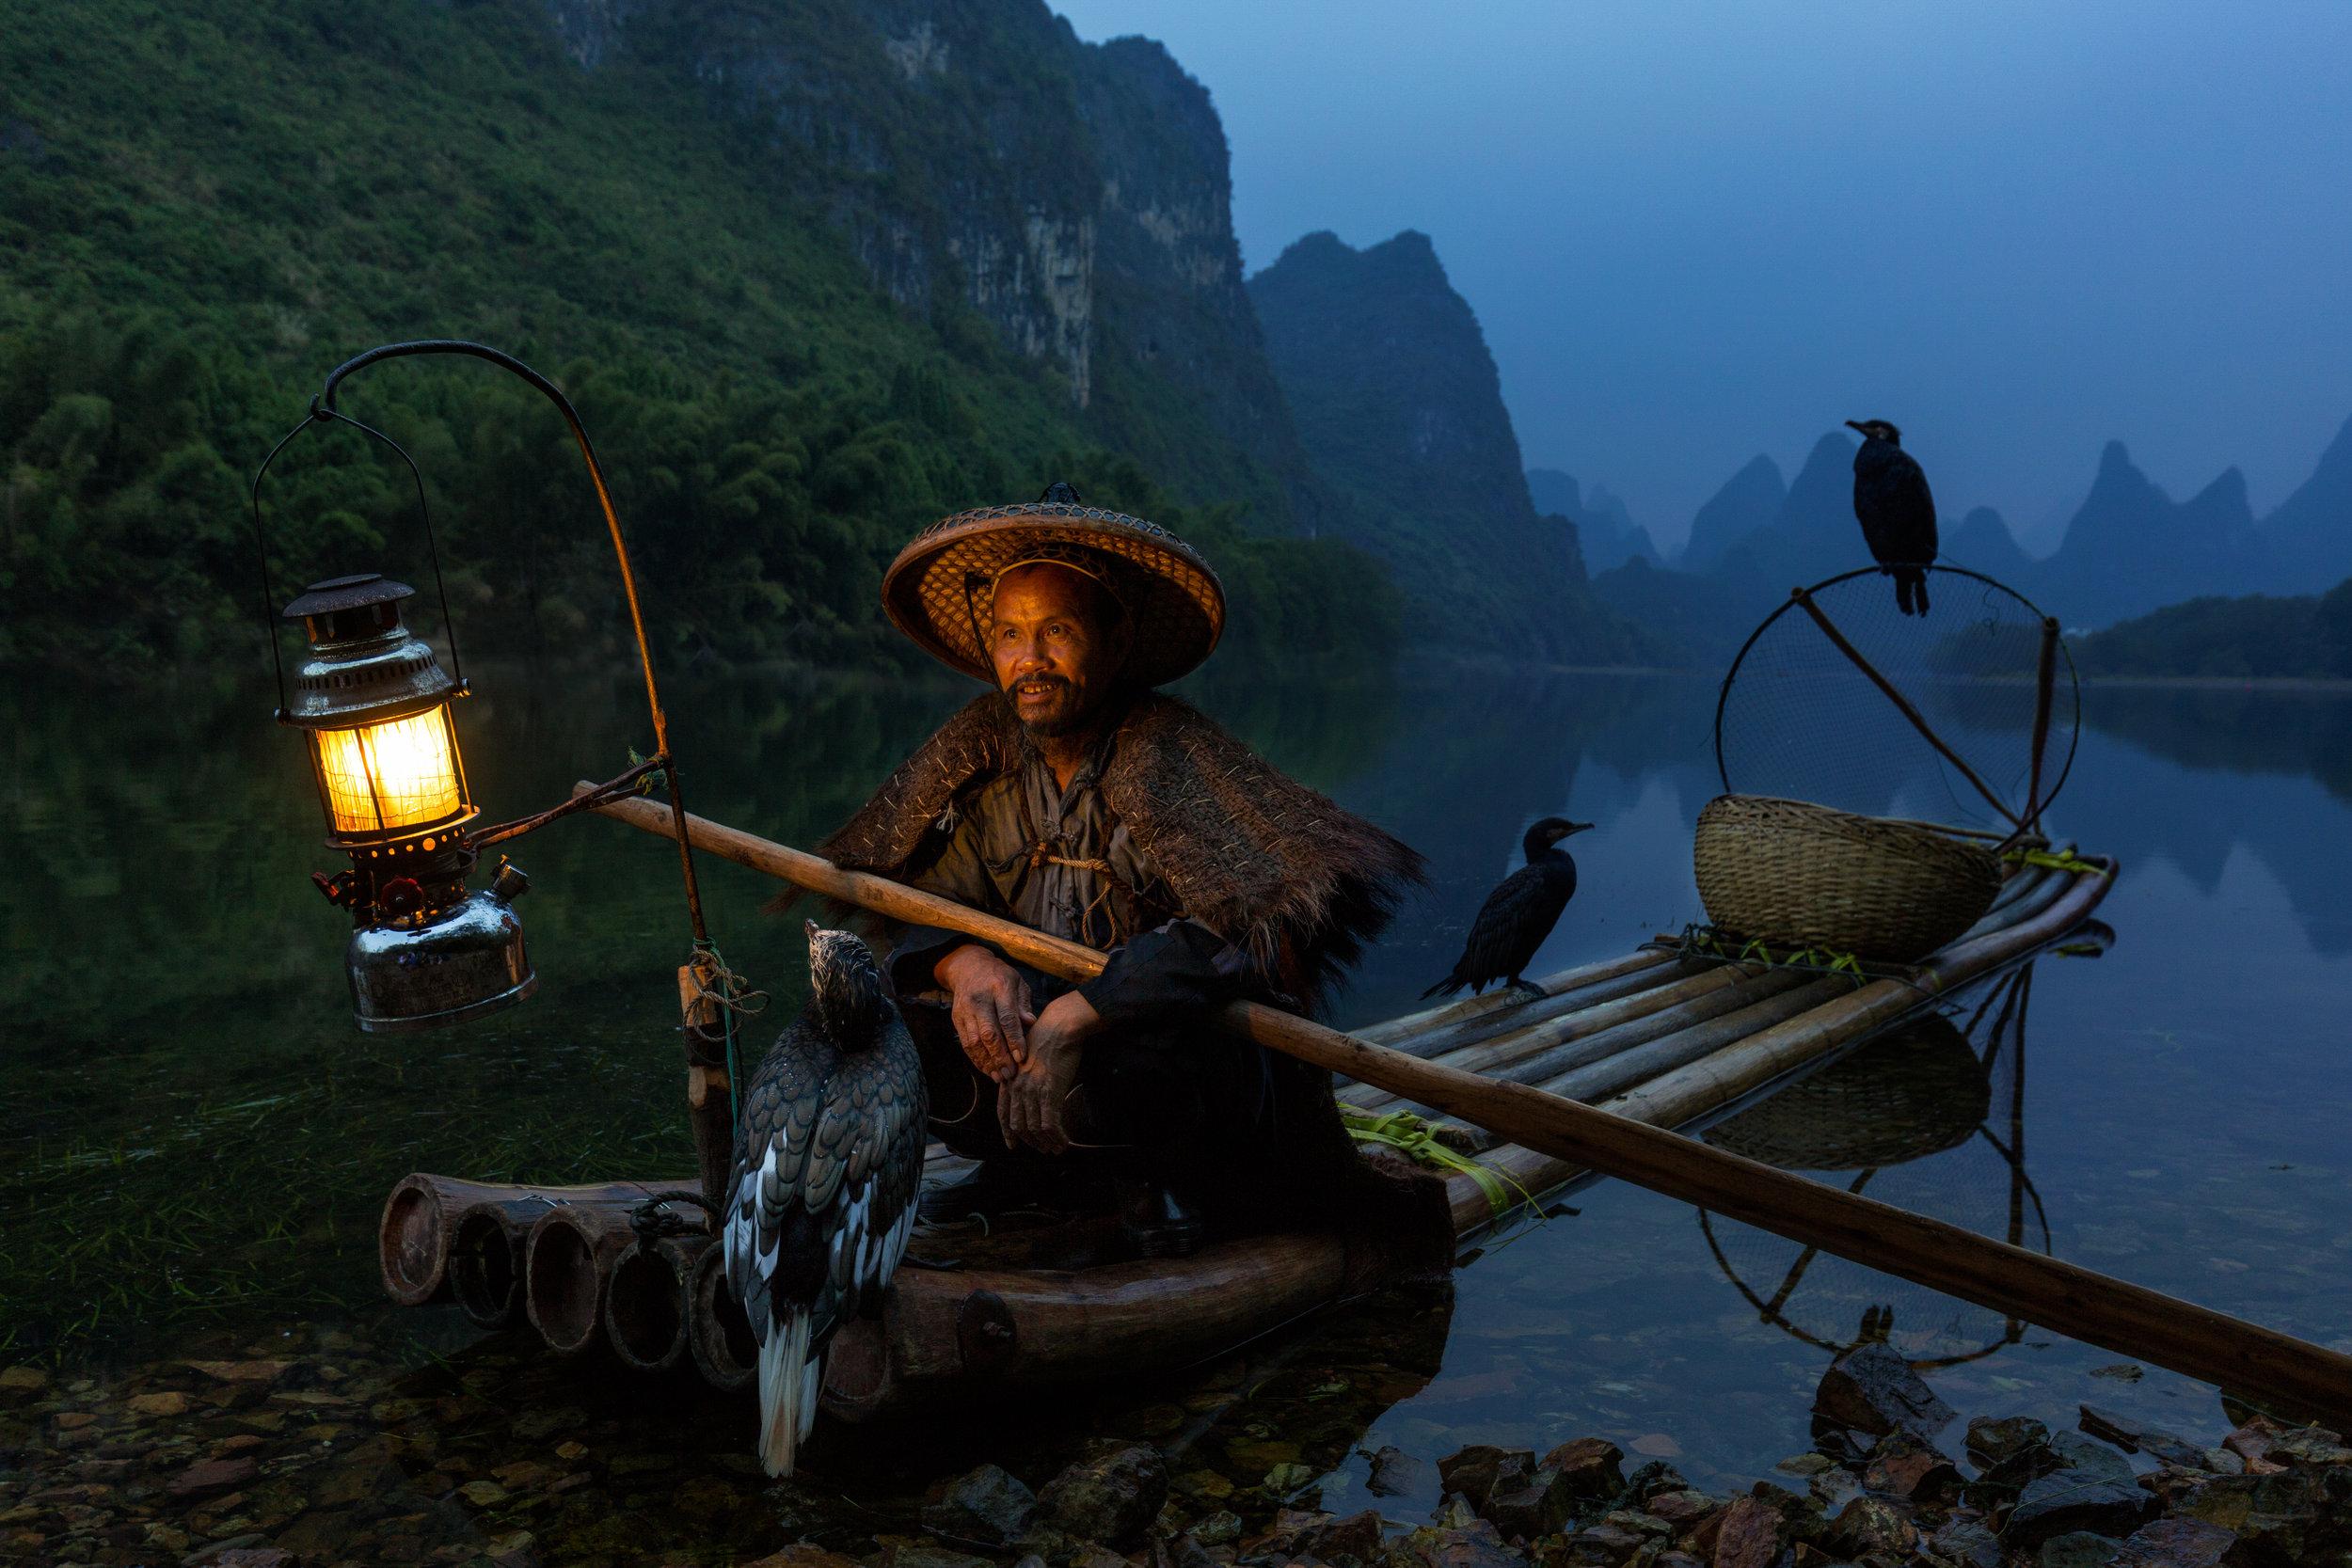 ©Duangmon C